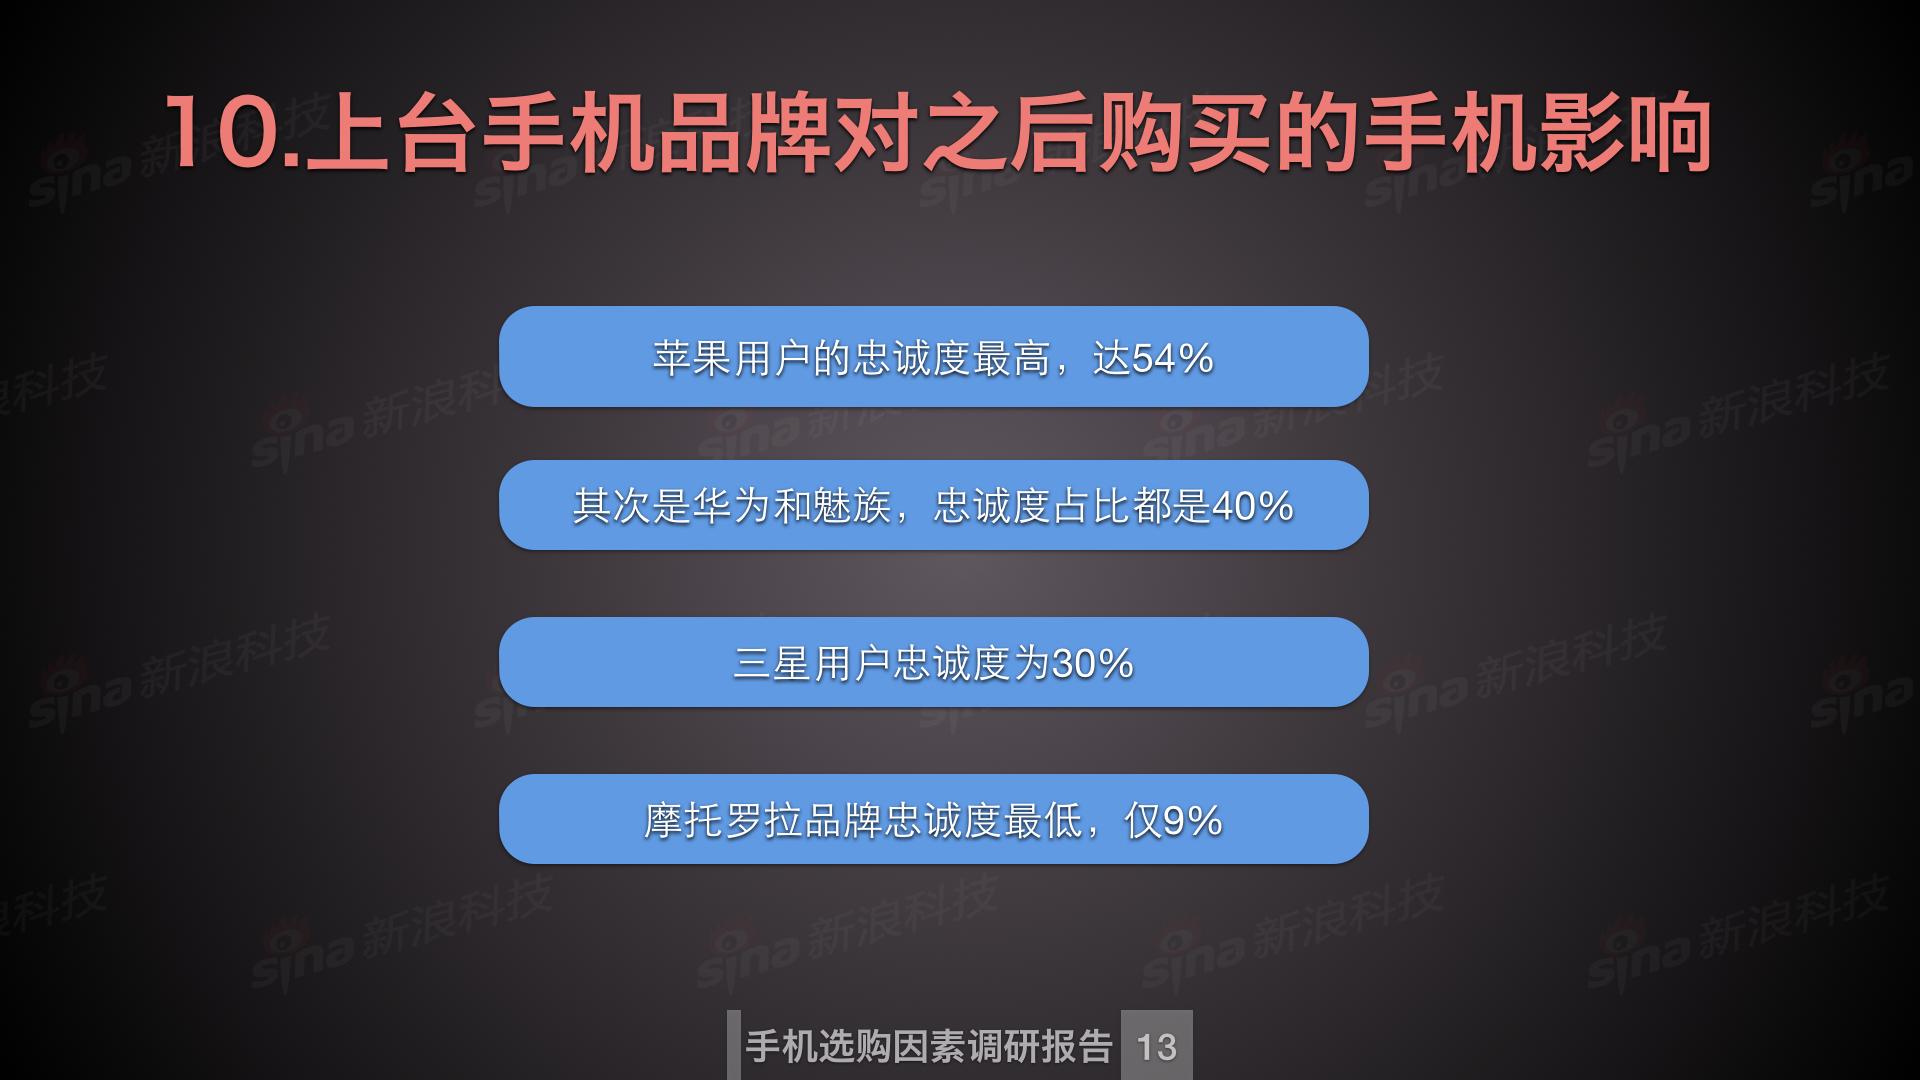 新浪科技数据中心_购买手机因素调研.014